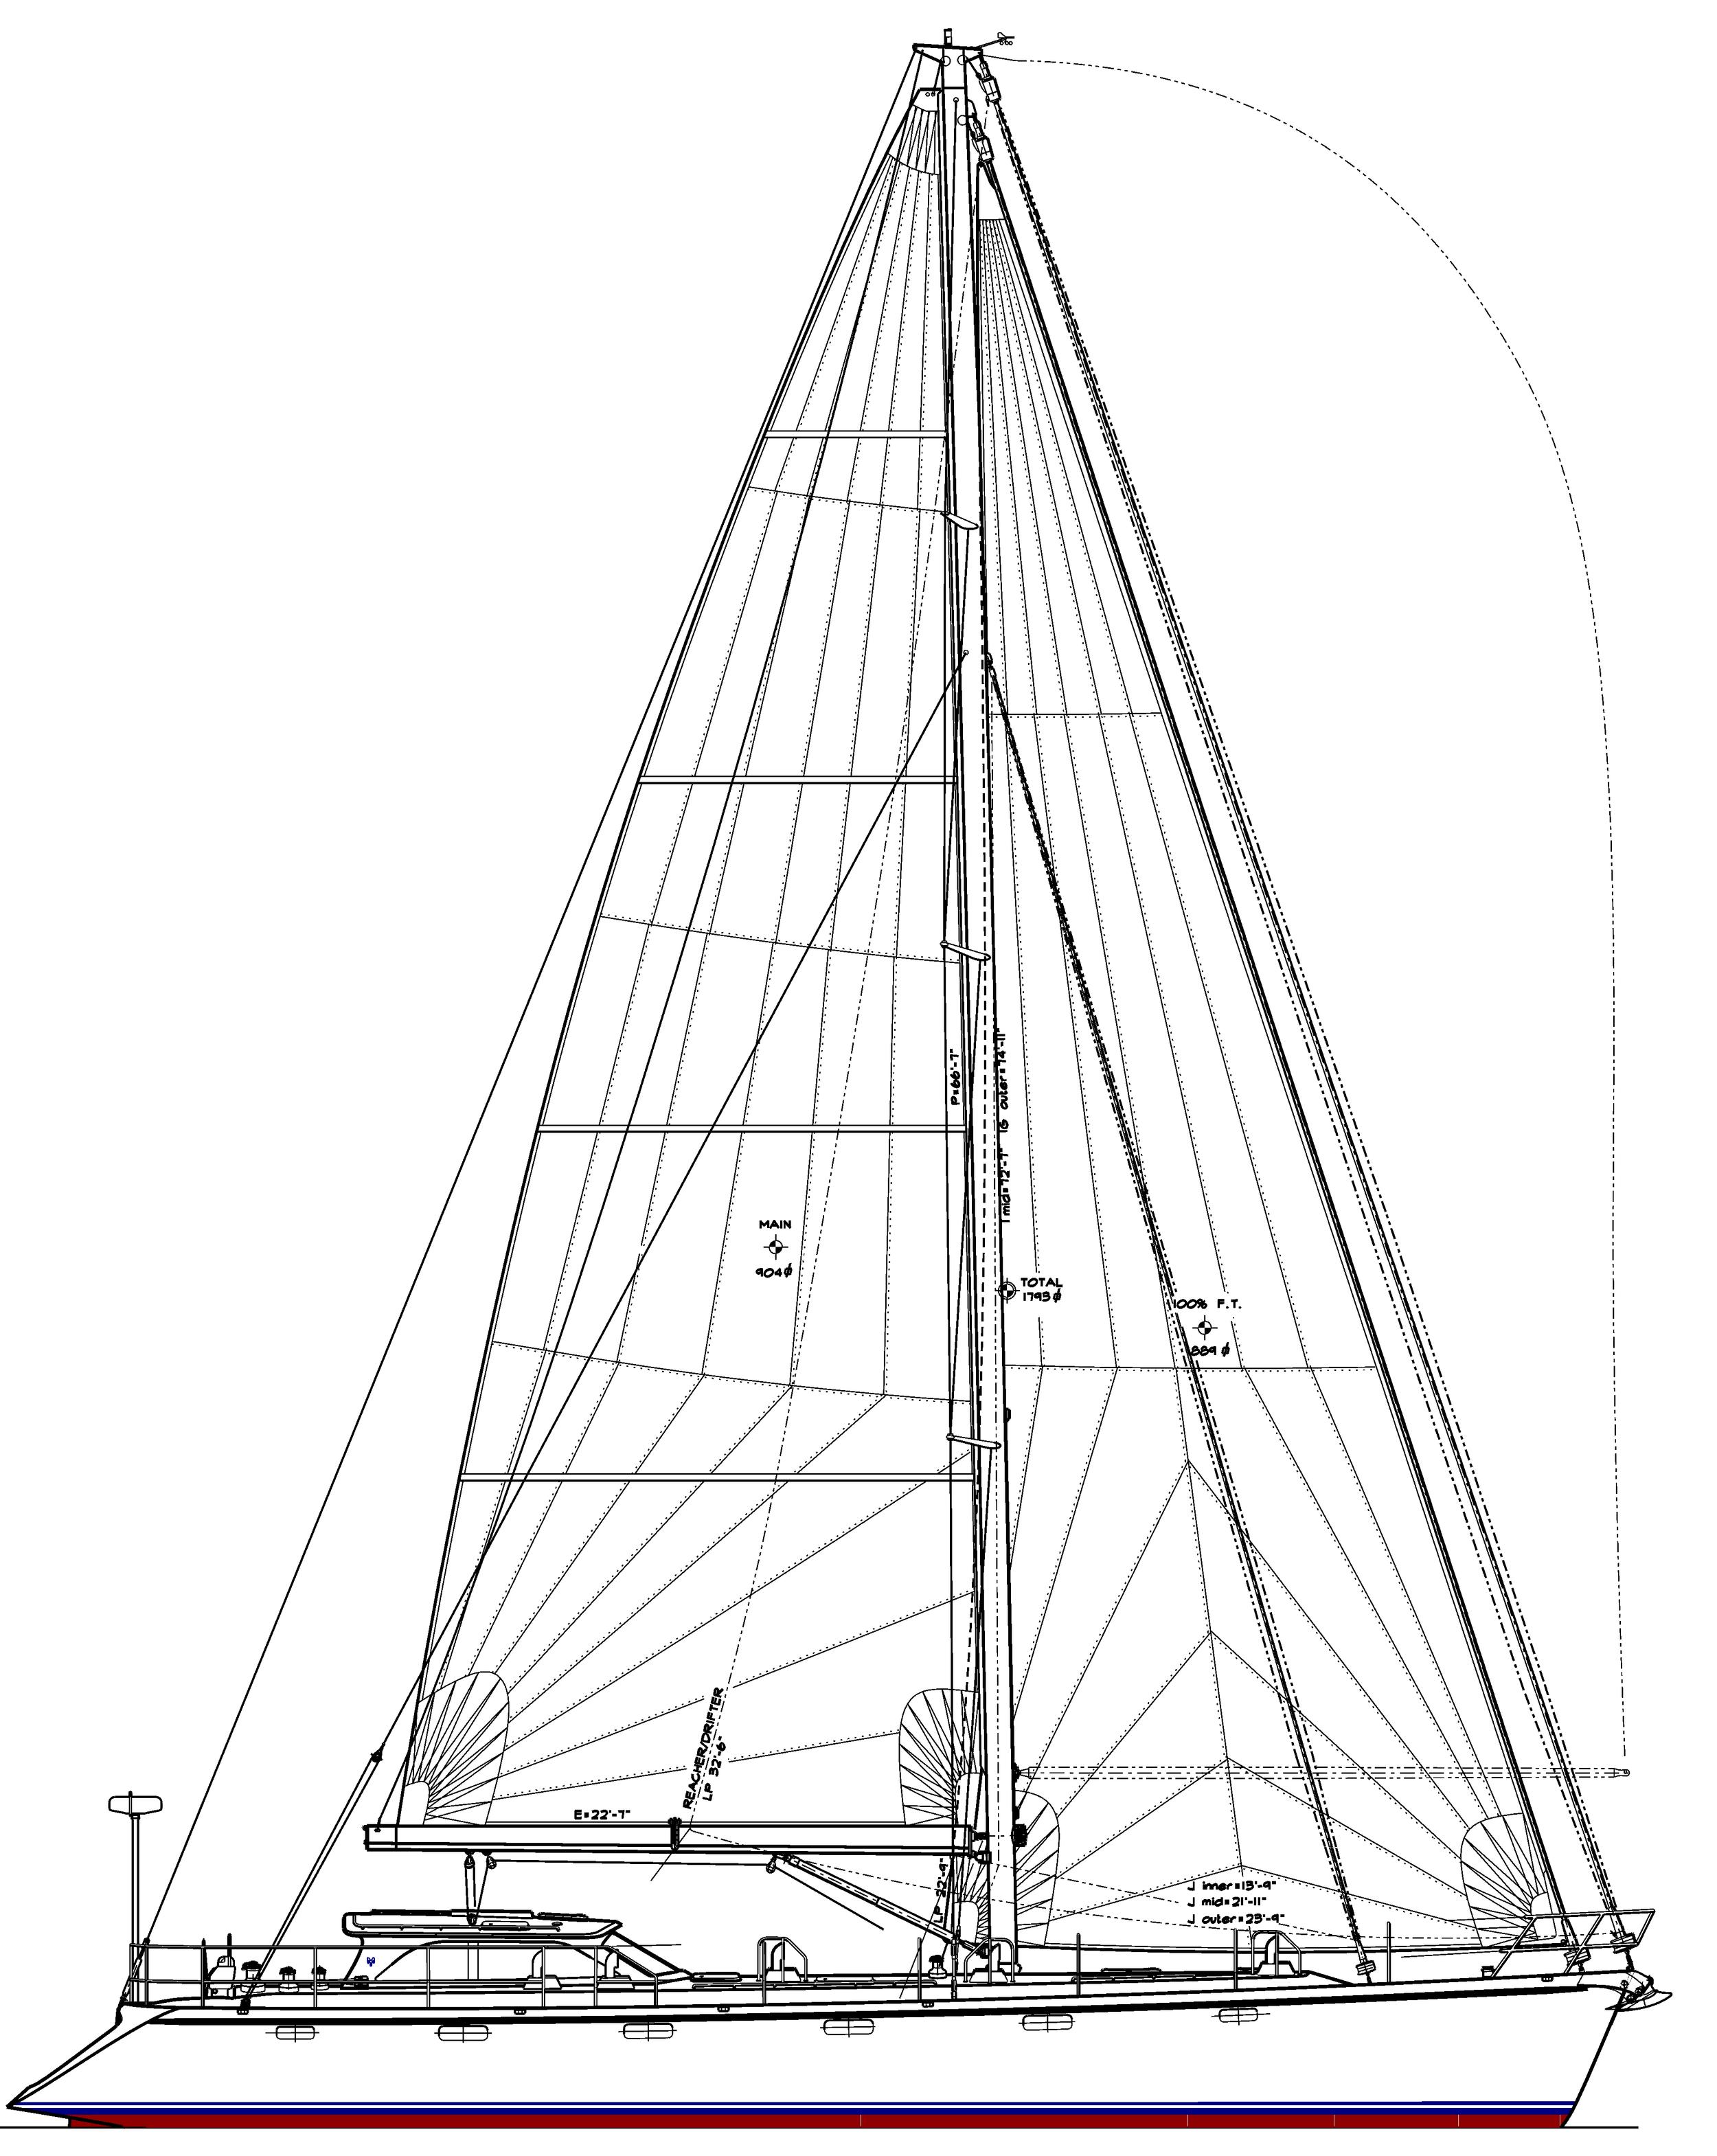 voj_sail_plan.png